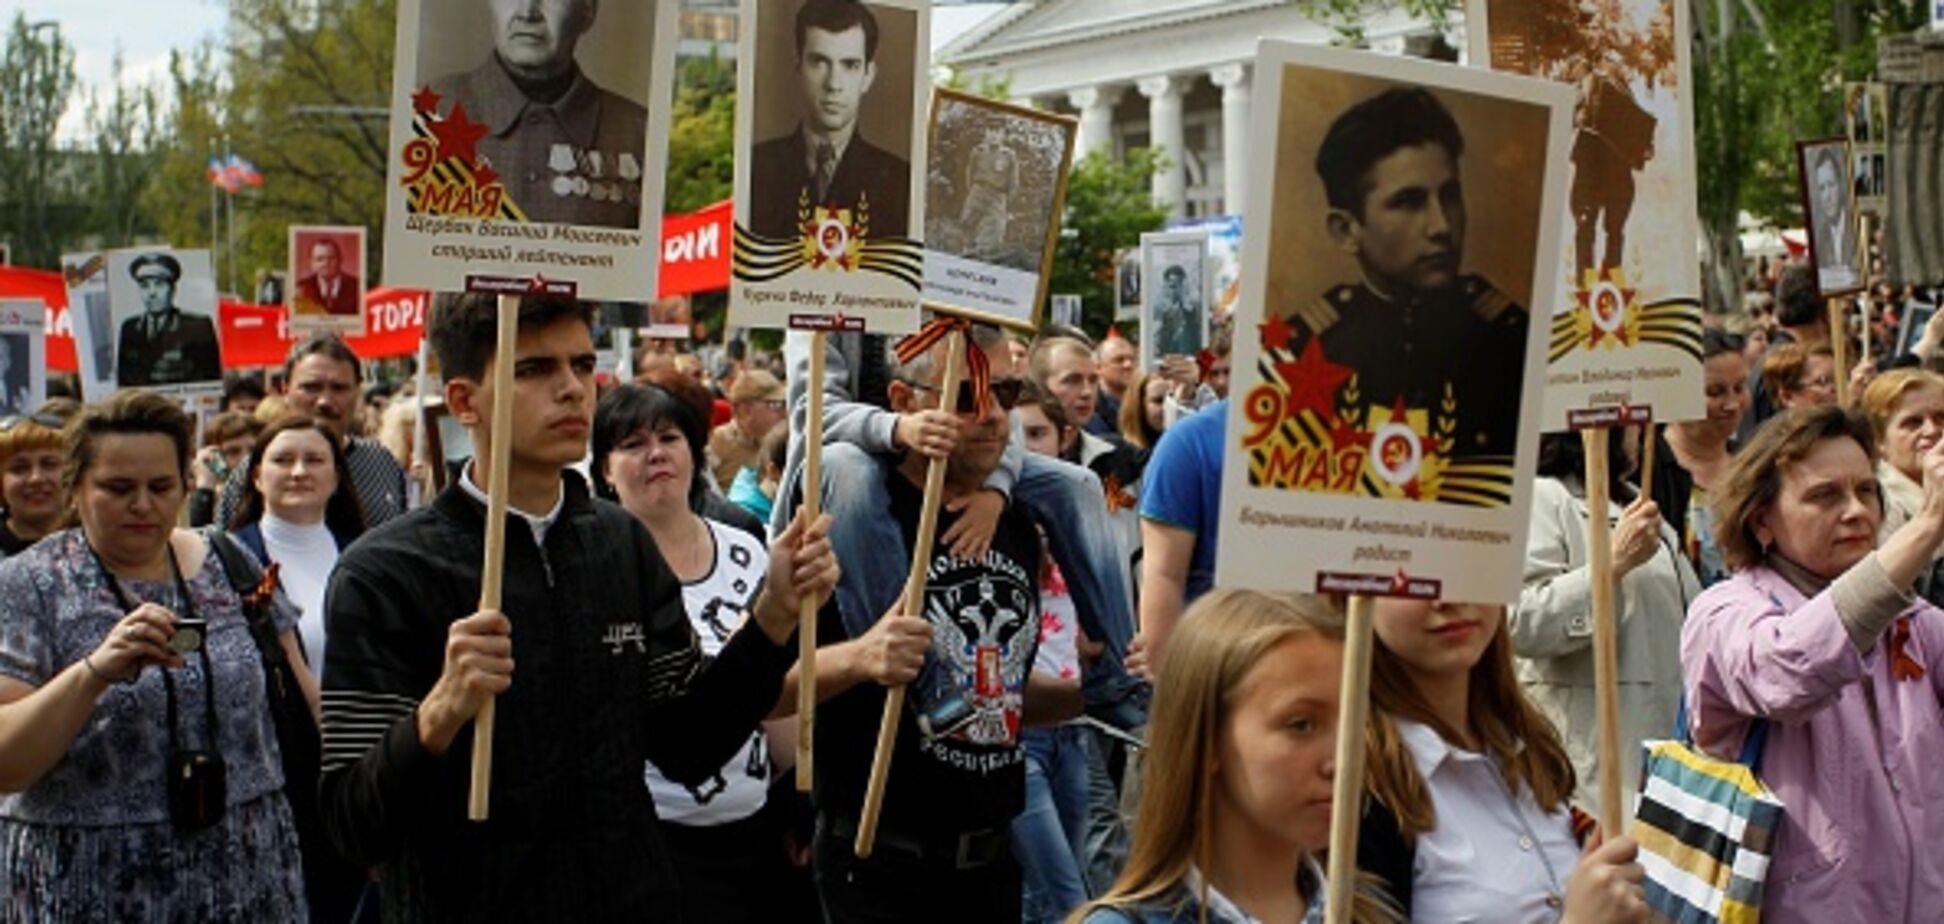 'Ніякого патріотизму': блогер розповів, як в 'ДНР' готуються до 9 травня